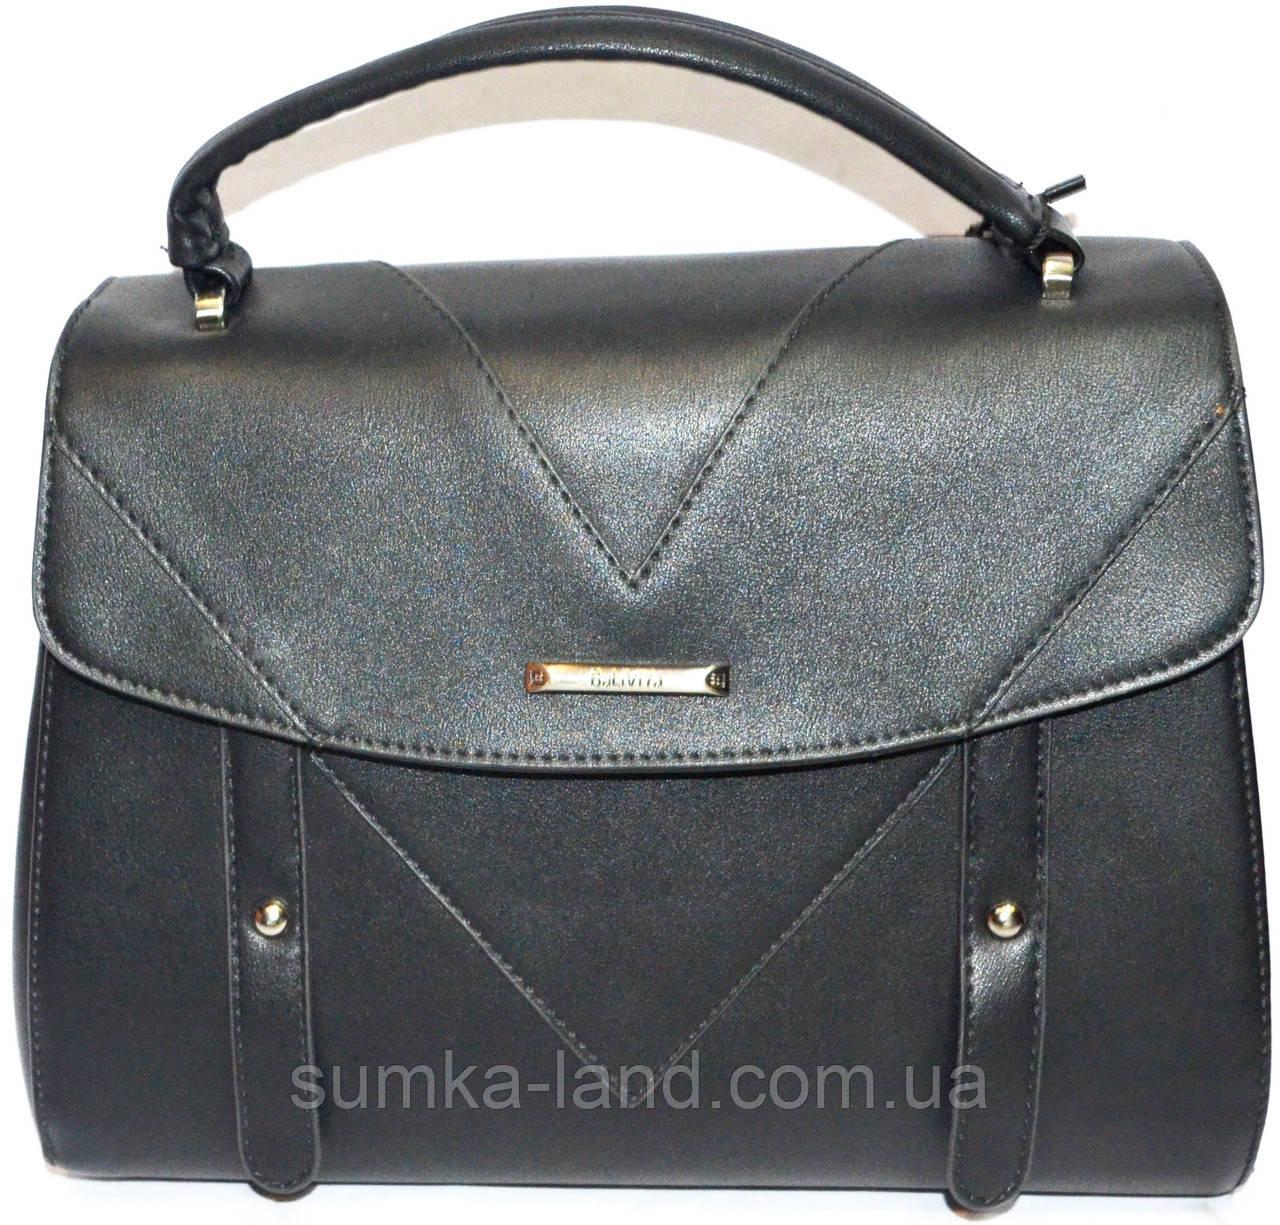 4a18603d3470 Производитель: Китай материал: искусственная кожа размеры: 27х31см тип:  женские сумки